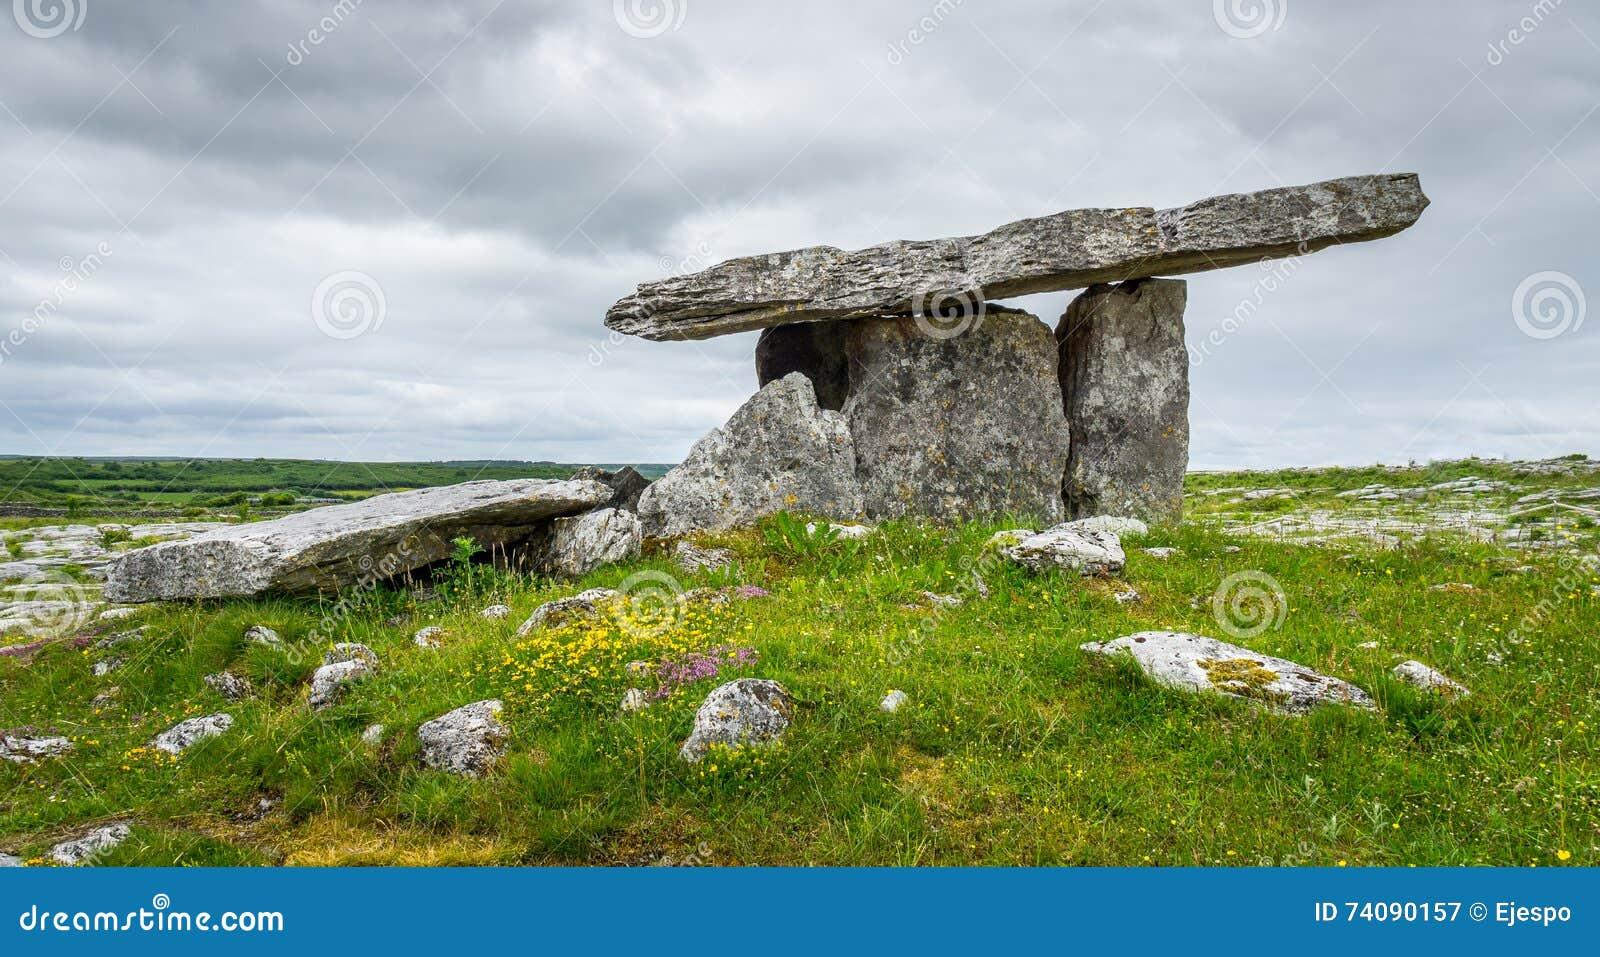 Steengraf met stenen redactionele fotografie afbeelding 74090157 - Tuinuitleg met stenen ...